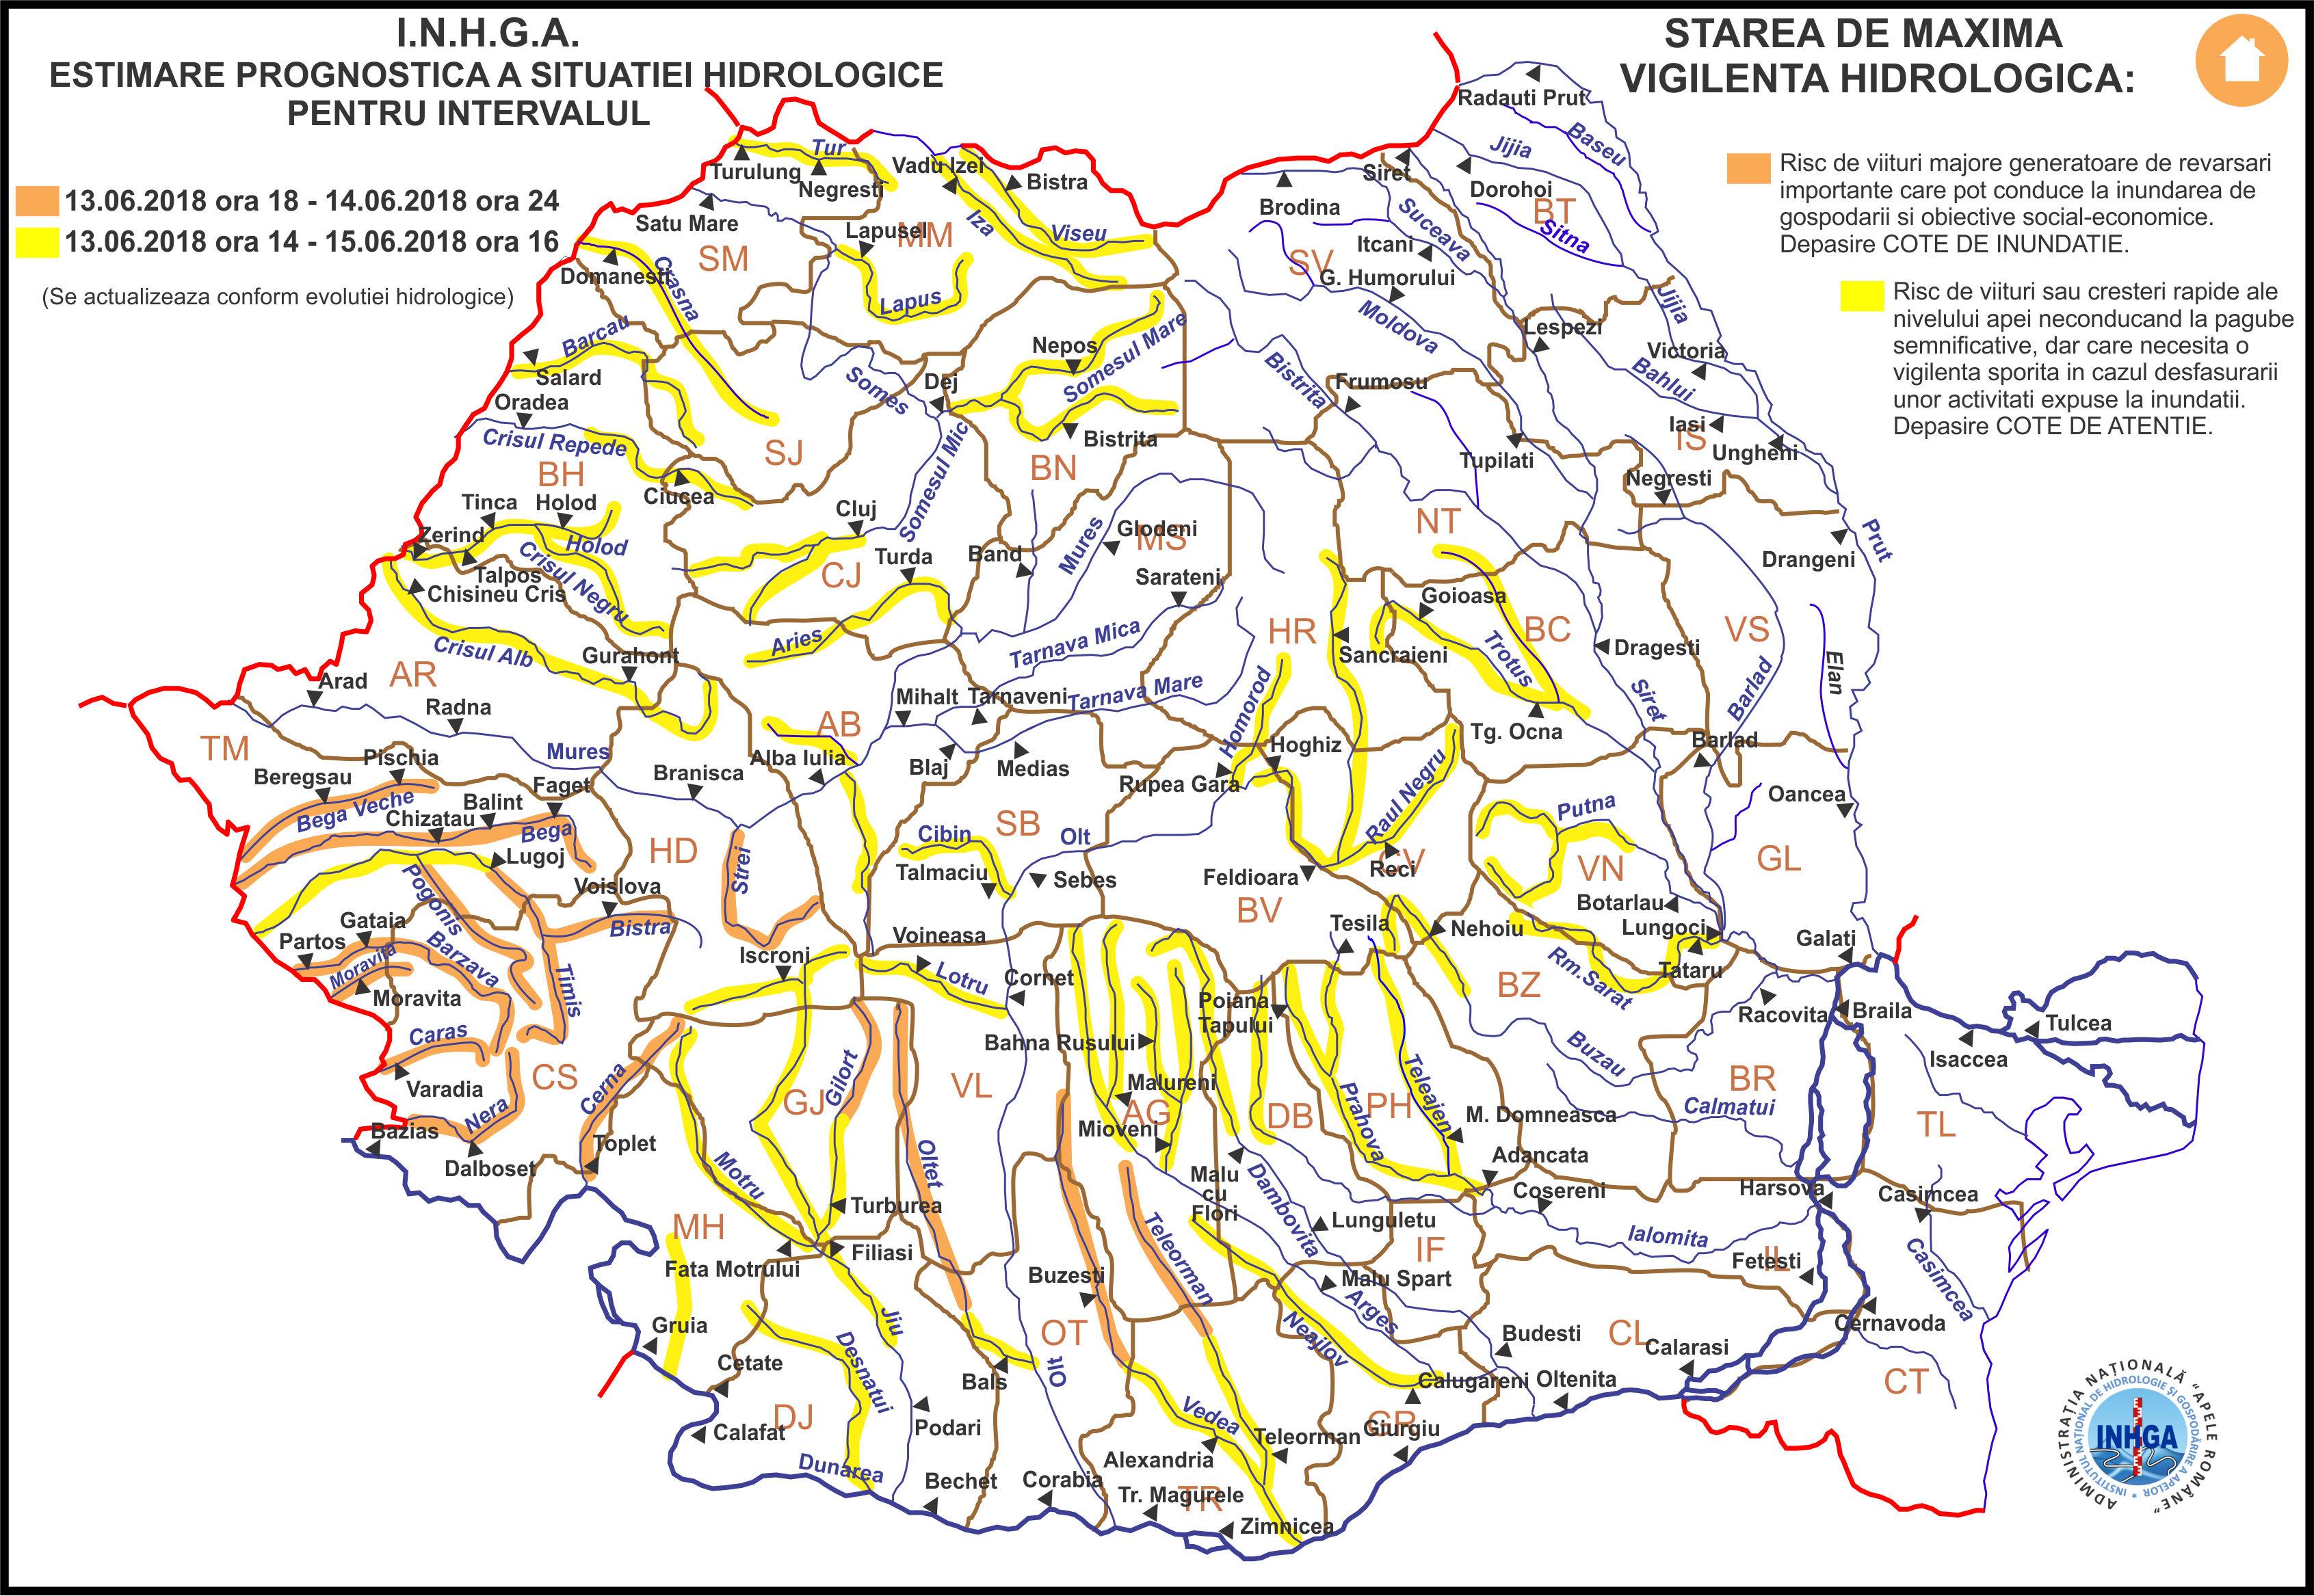 Harta Avertizare Hidrologica nr. 31 din 13.06.2018